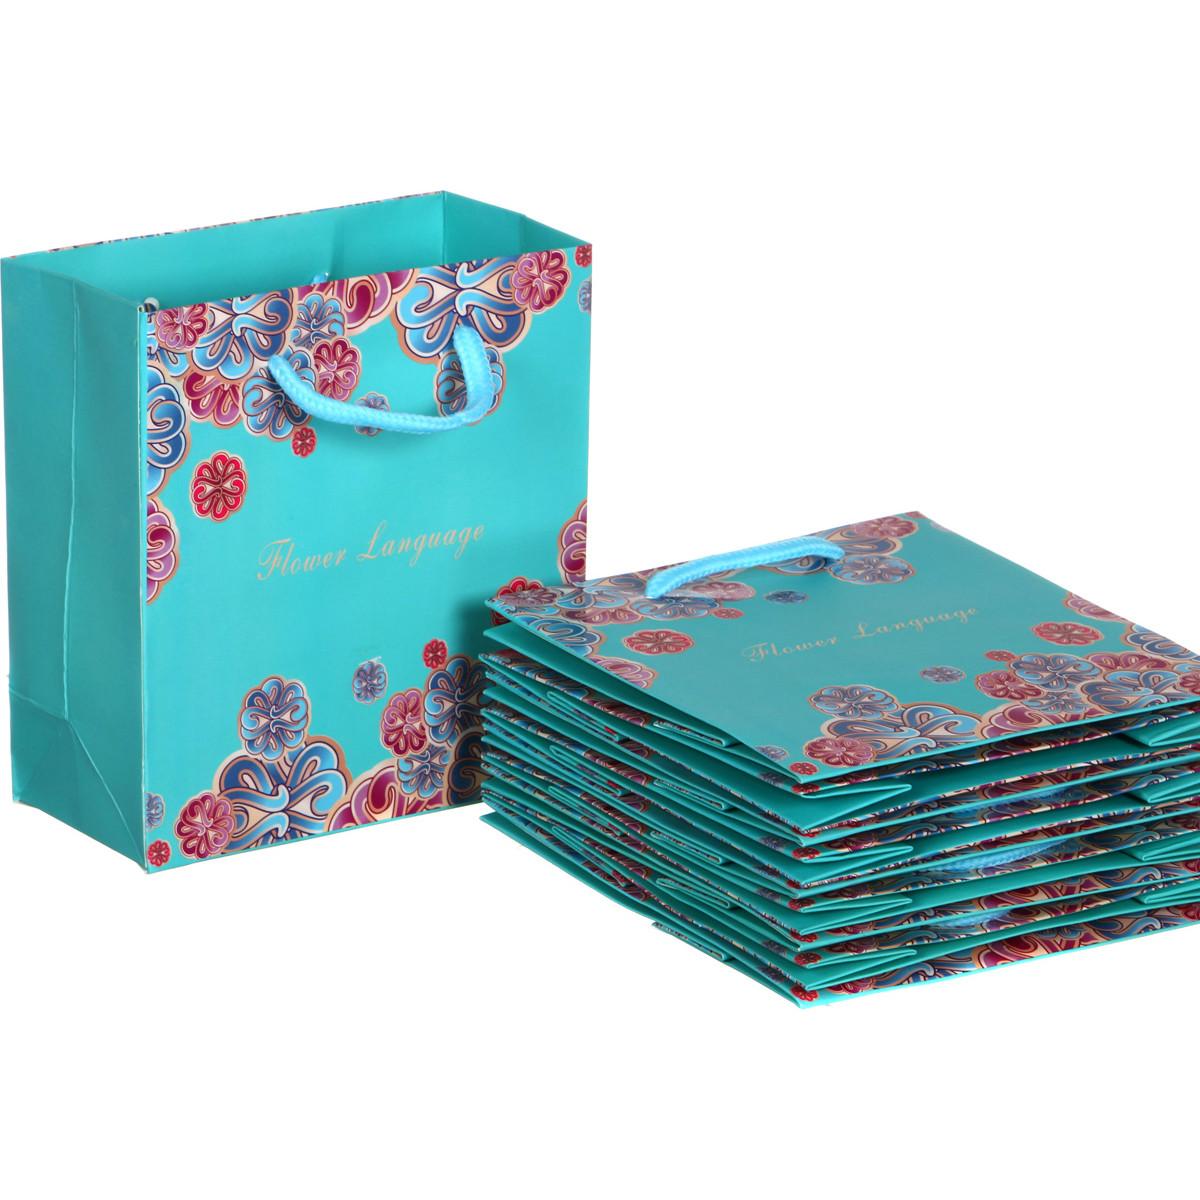 {} Lefard Пакет подарочный Luvinia (7х14х16 см - 10 шт) lefard пакет подарочный luvinia 7х14х16 см 10 шт